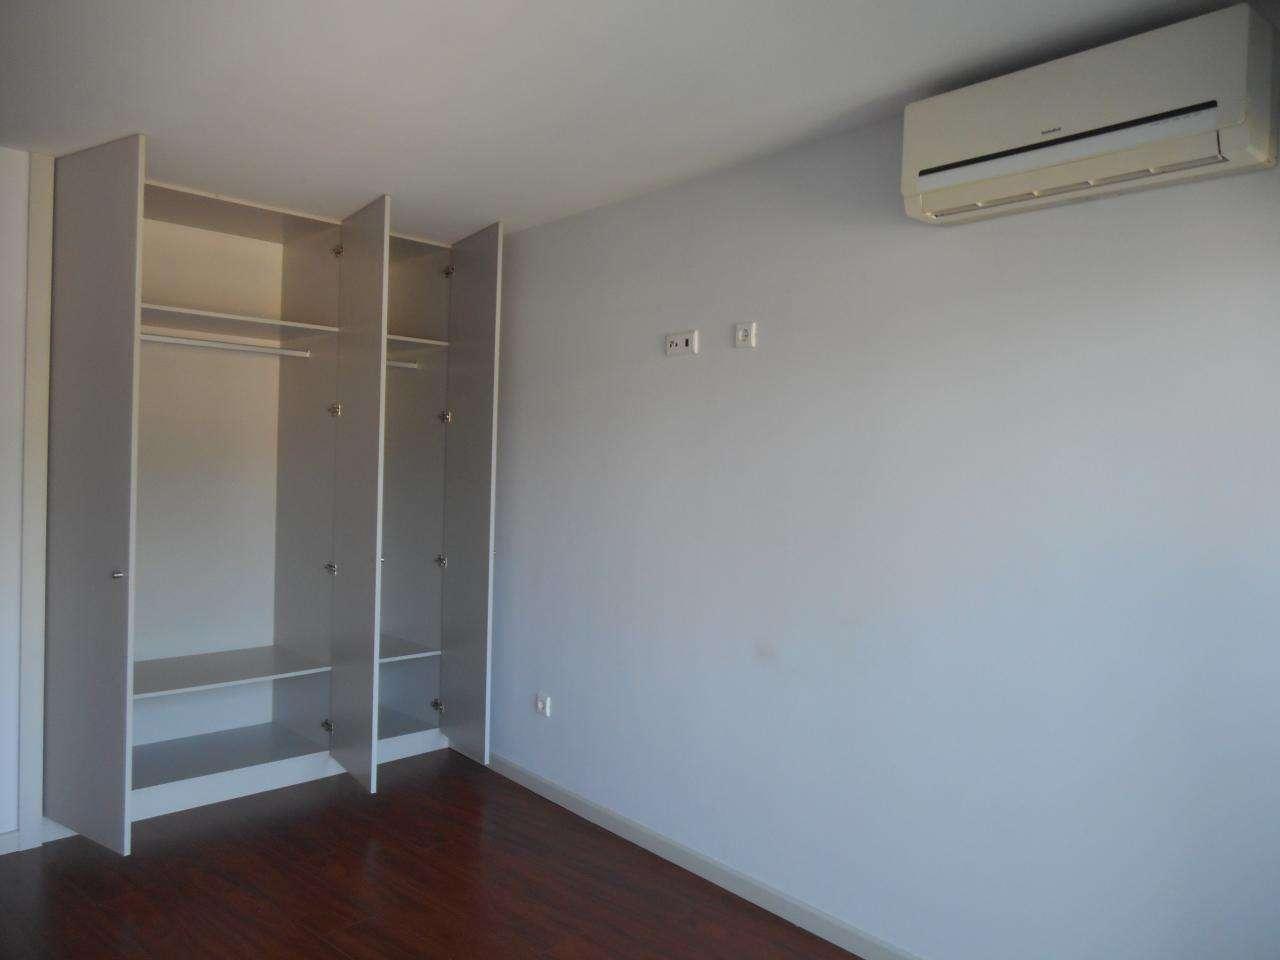 Apartamento para comprar, Valença, Cristelo Covo e Arão, Viana do Castelo - Foto 4